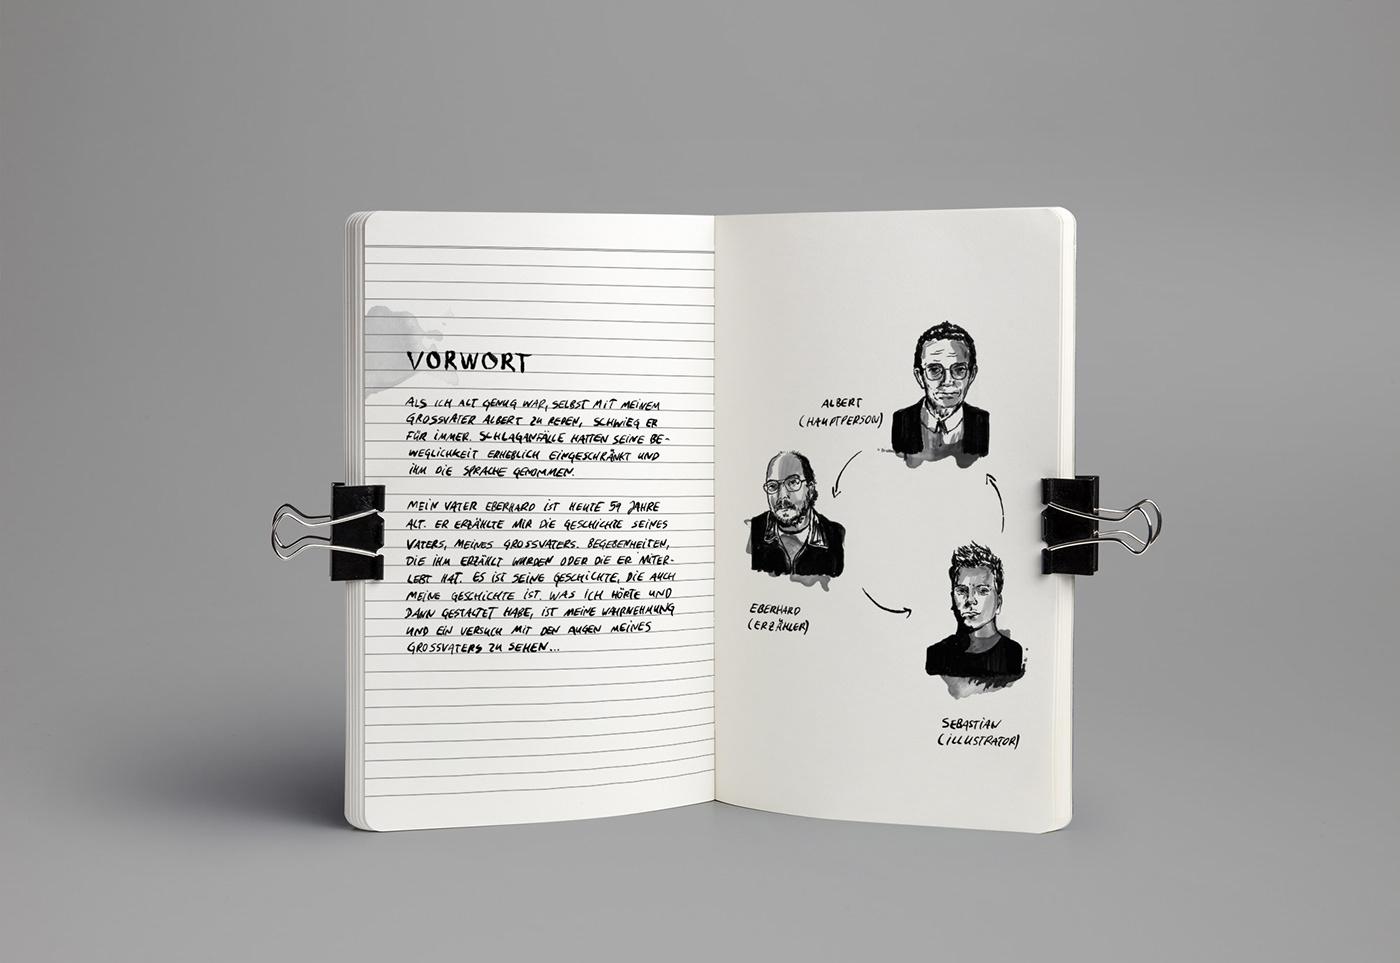 Image may contain: cartoon, print and human face